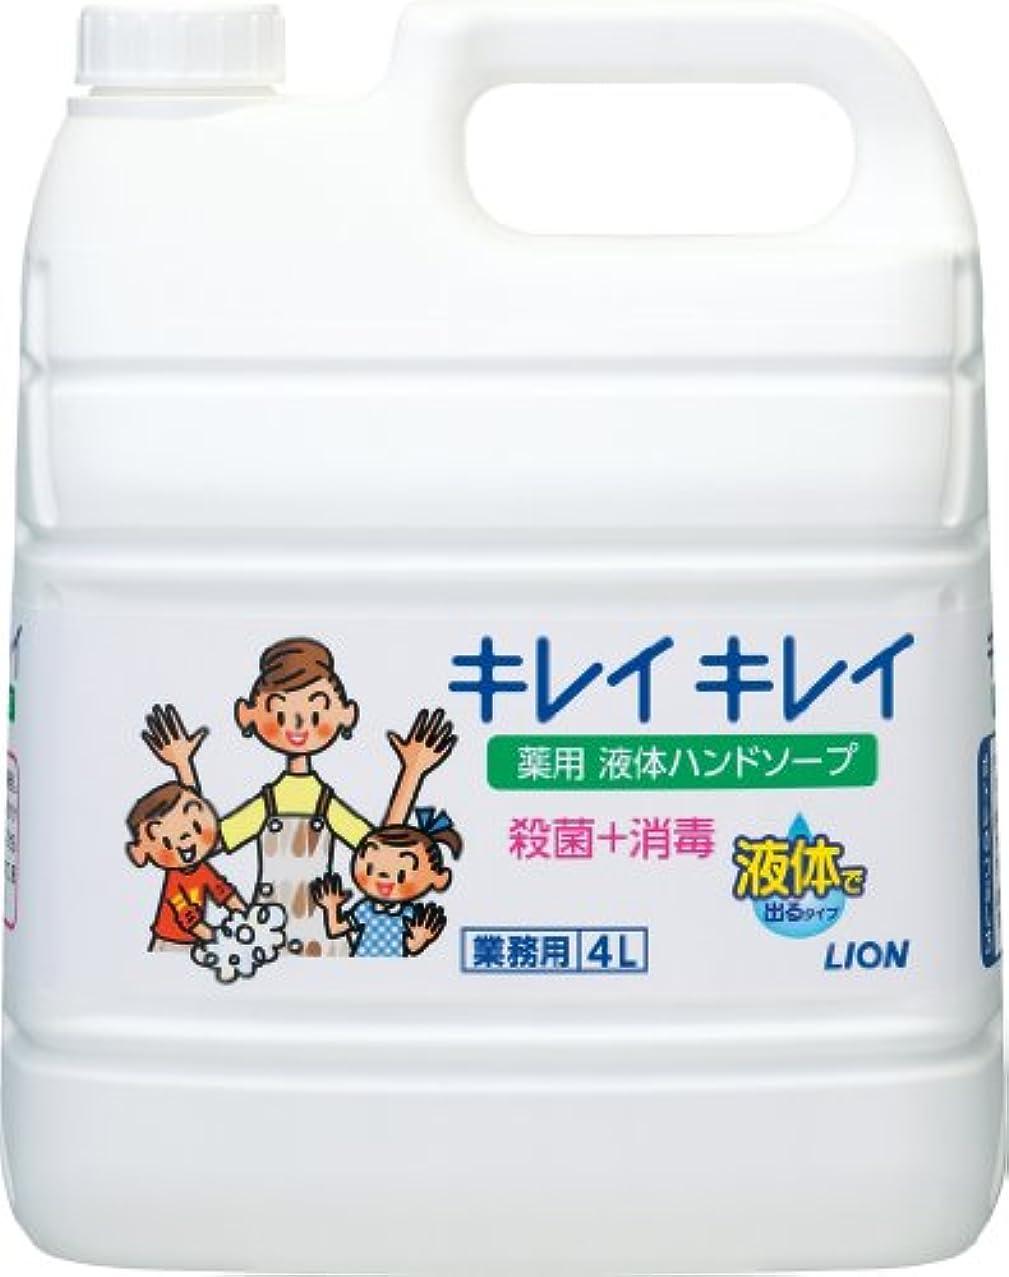 発表するシュリンクジョグ【業務用 大容量】キレイキレイ 薬用 ハンドソープ  4L(医薬部外品)